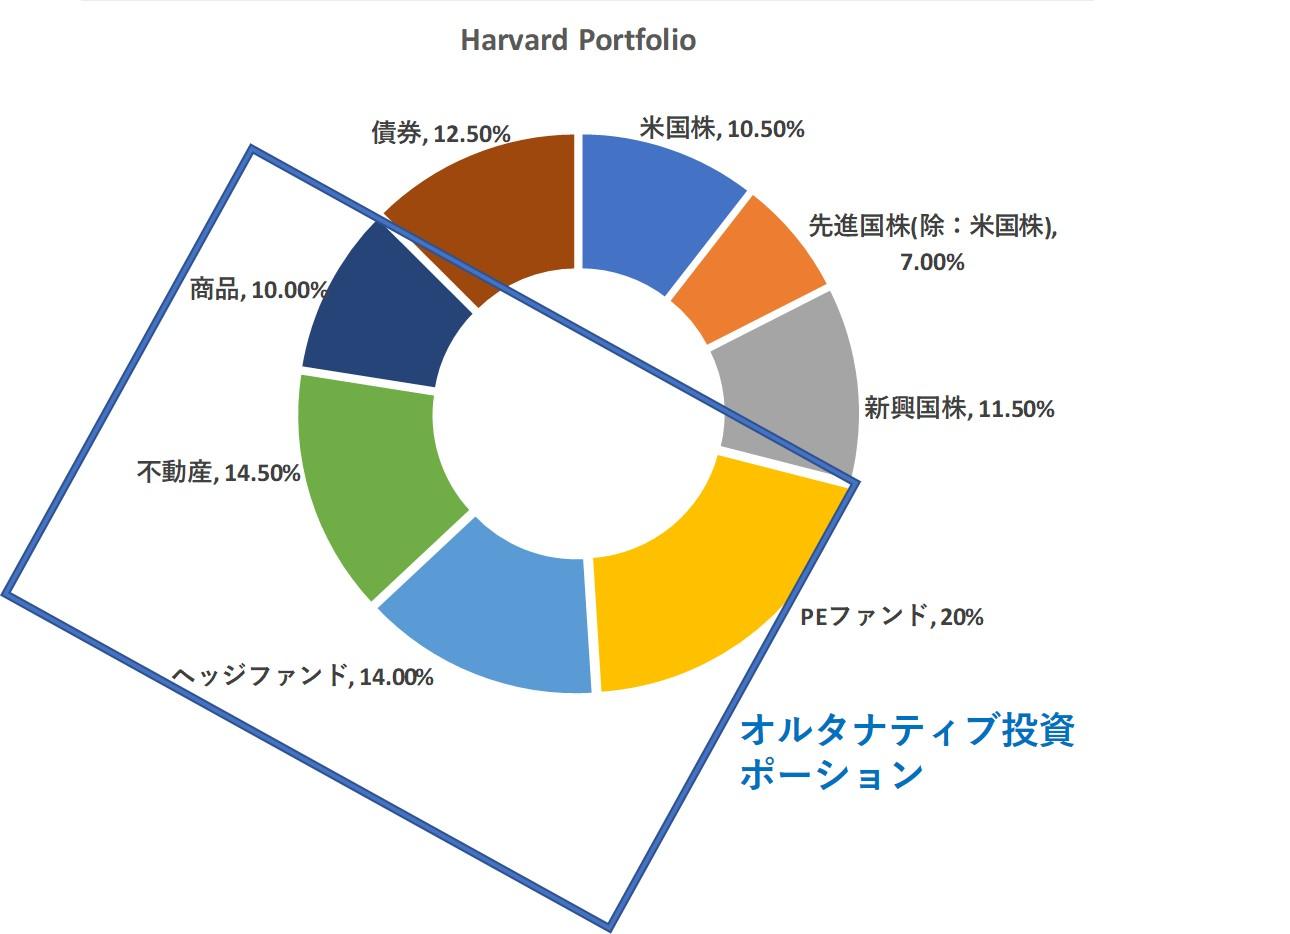 ハーバード大学の投資ポートフォリオ